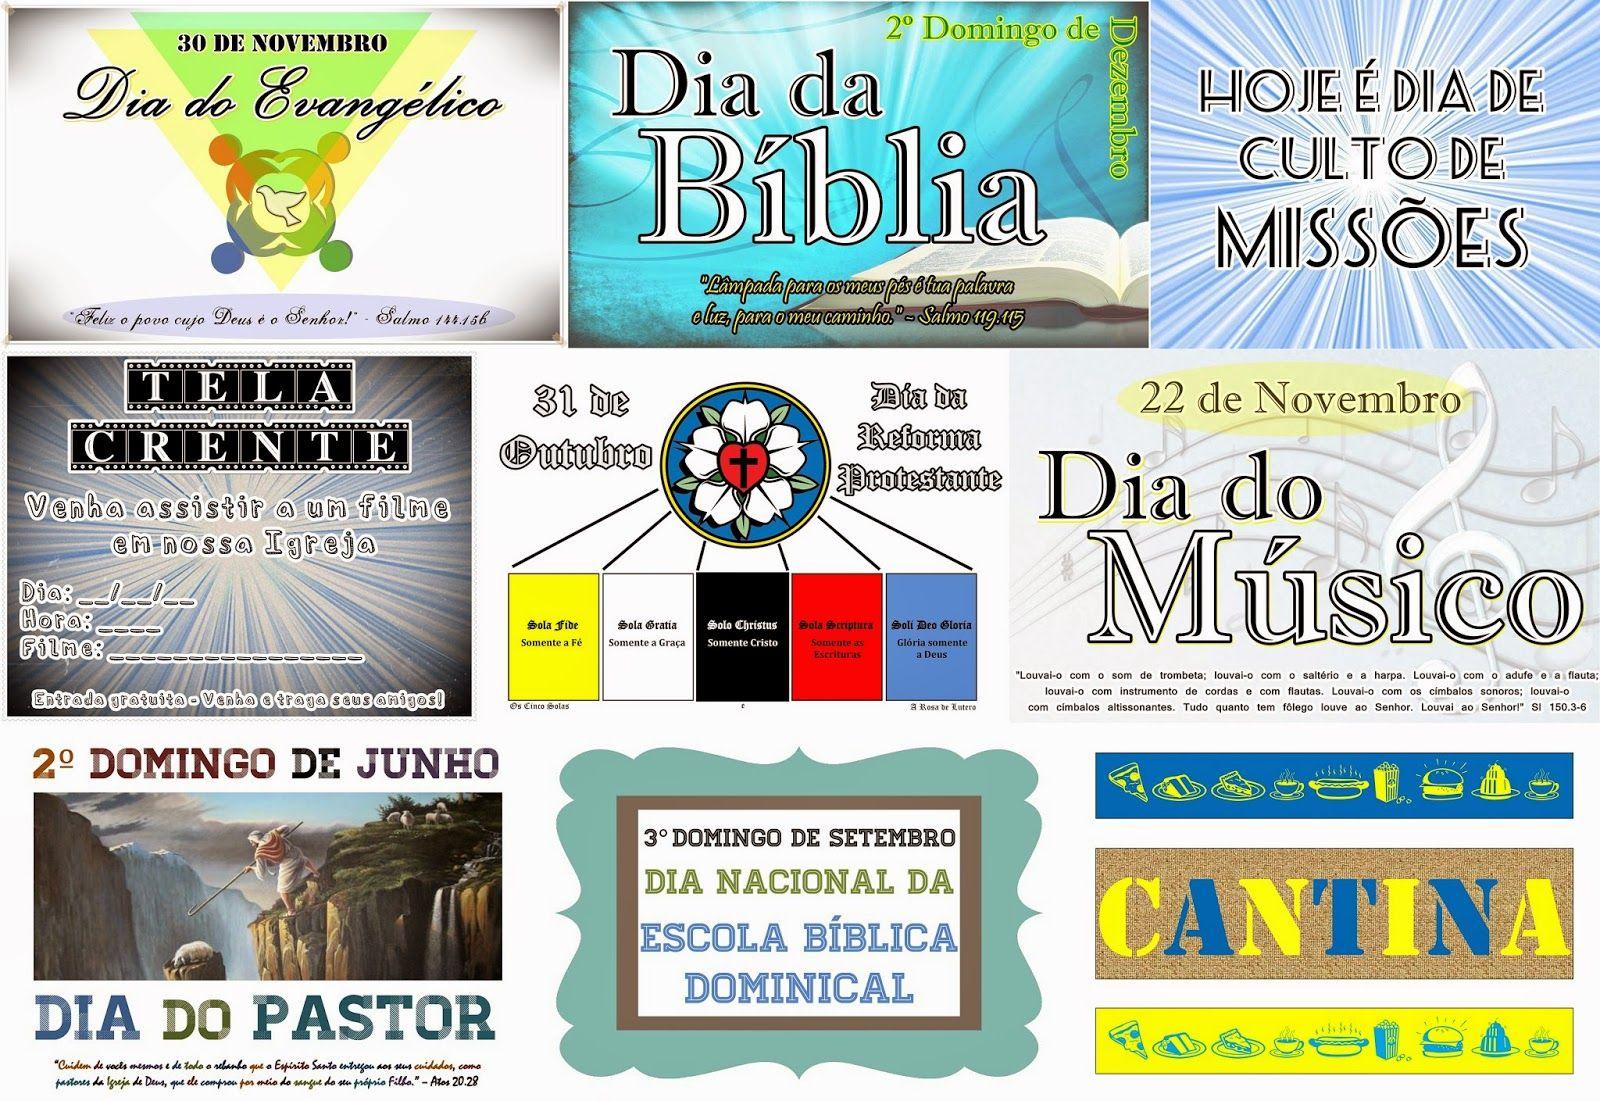 Arsenal do Crente: Cartazes de Datas Comemorativas para igrejas evangélicas - Baixe grátis!